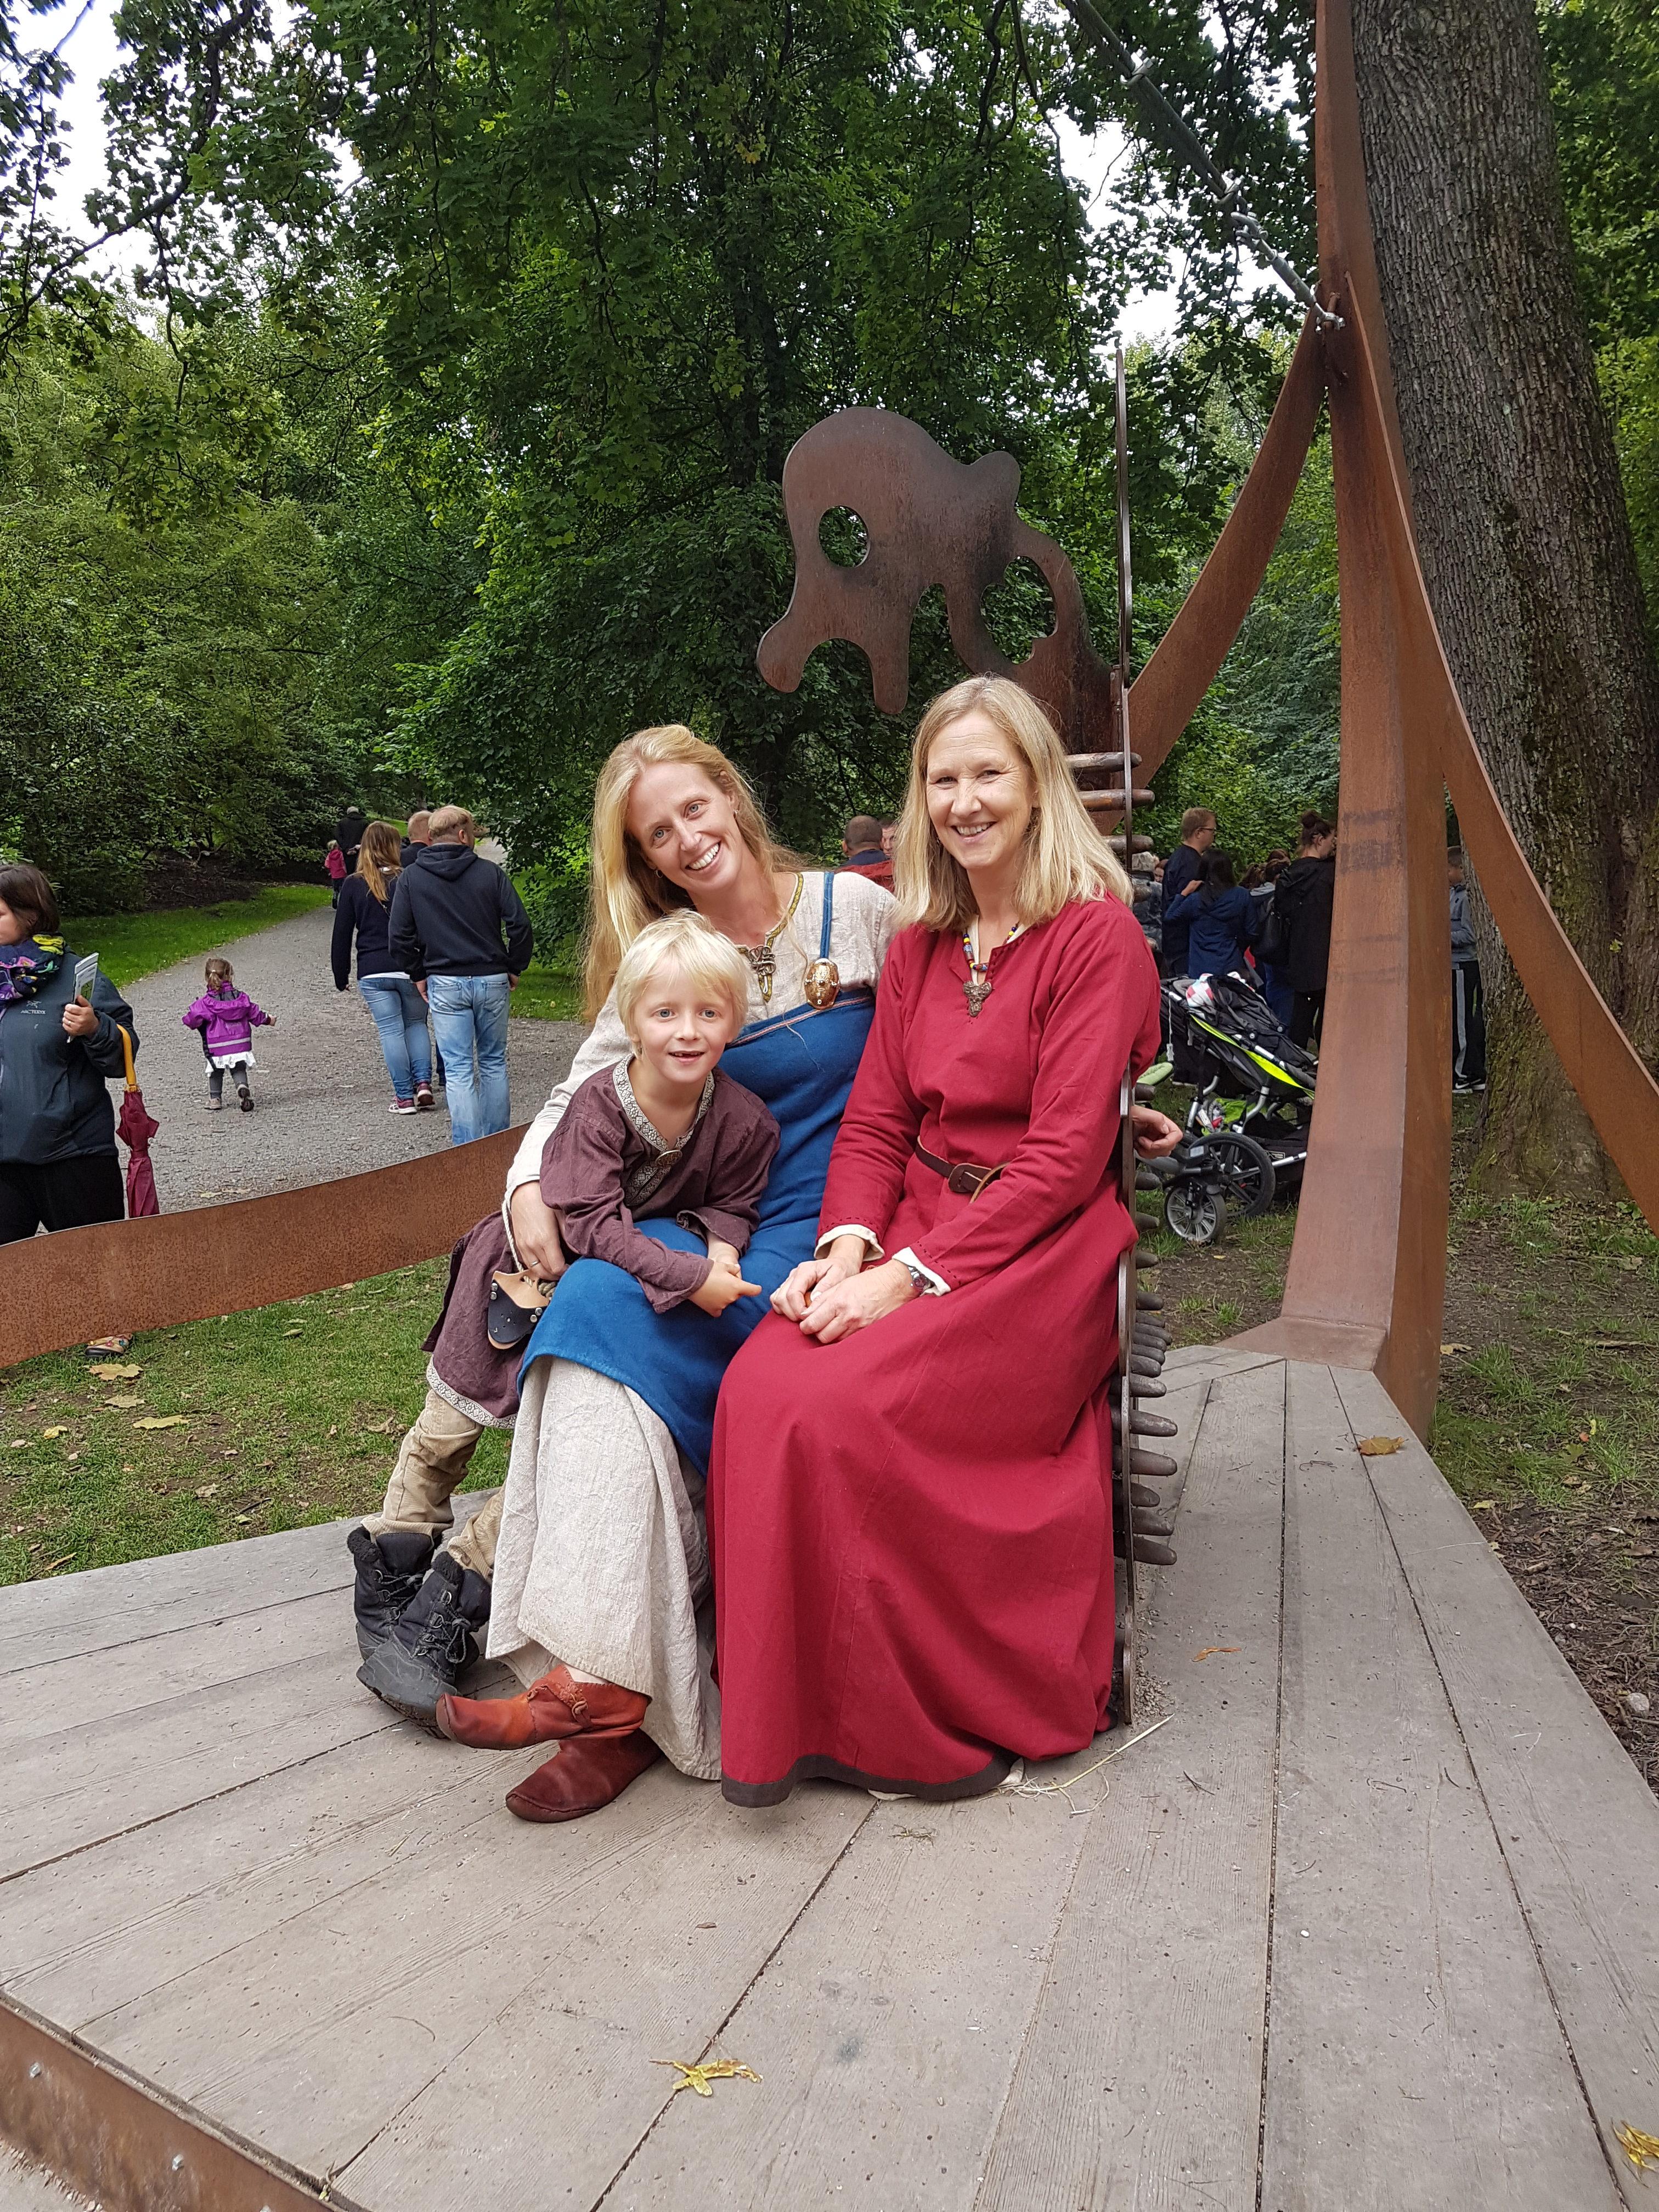 Anneleen Kool med too andre personer i full vikingmundur i Vikinghagen på Naturhistorisk Museum på Tøyen i Oslo. Foto: Lene Johansen.